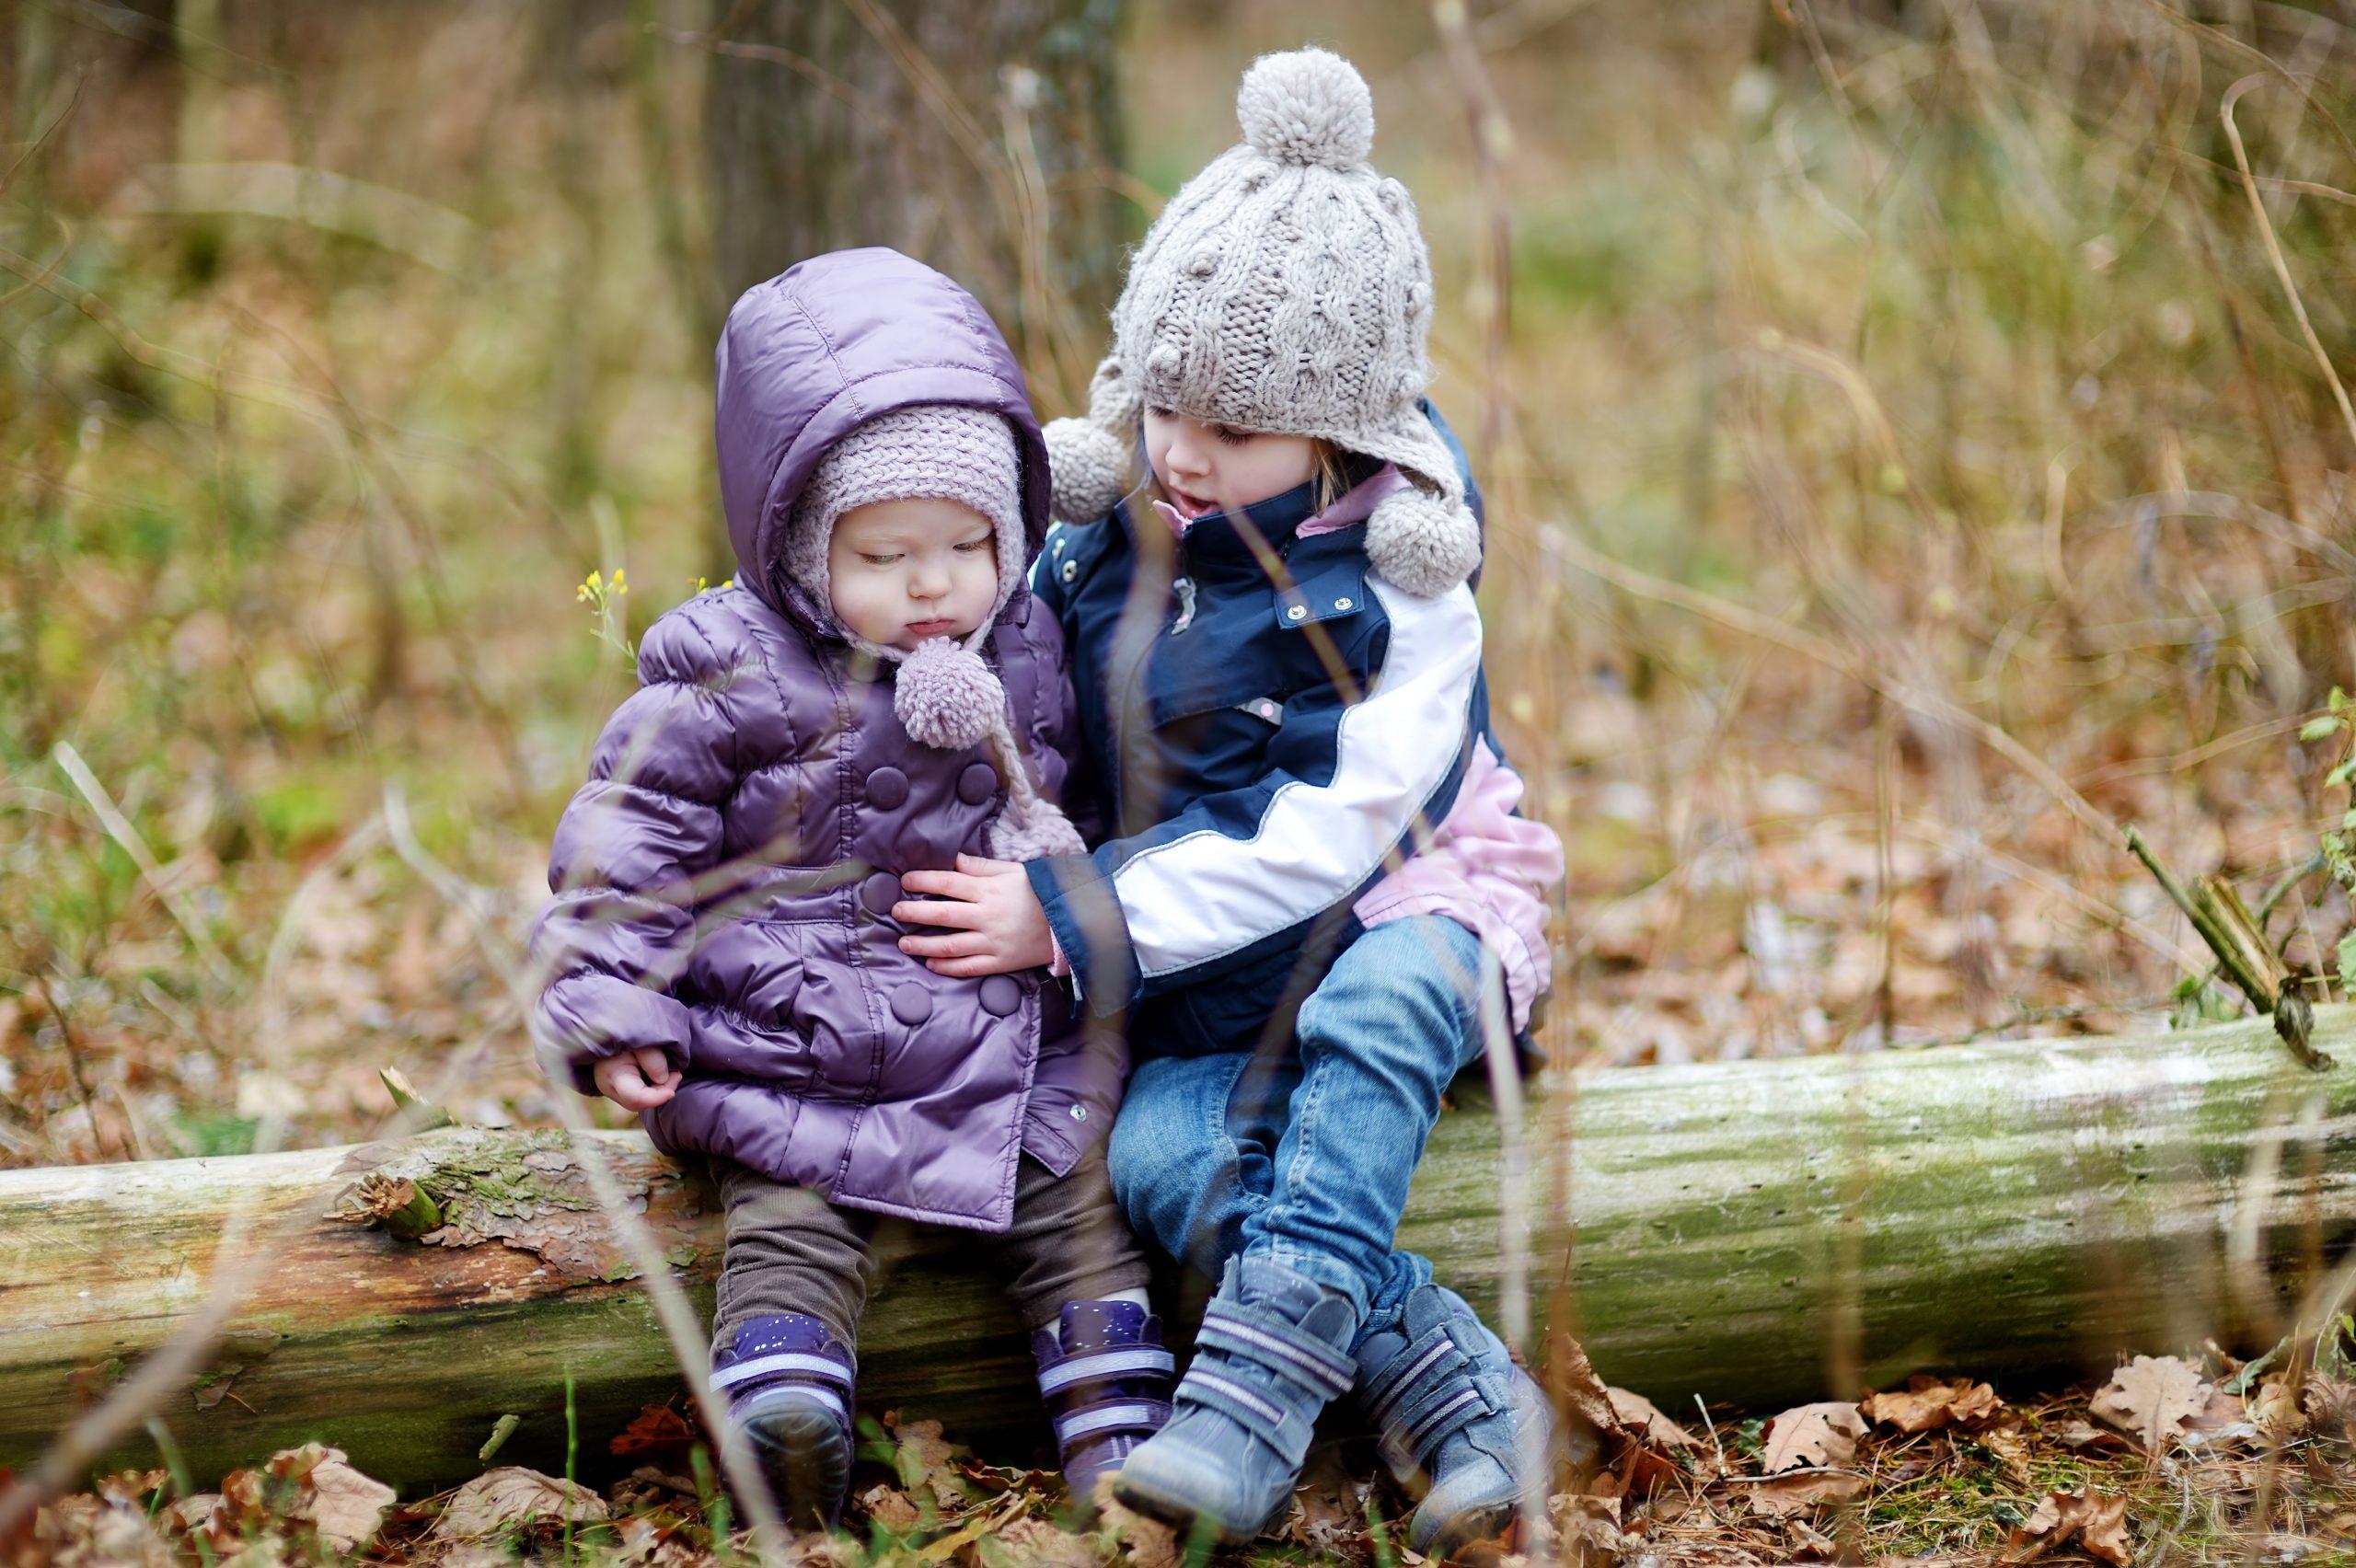 Soulignez la Journée québécoise des allergies alimentaires en soutenant Allergies Québec